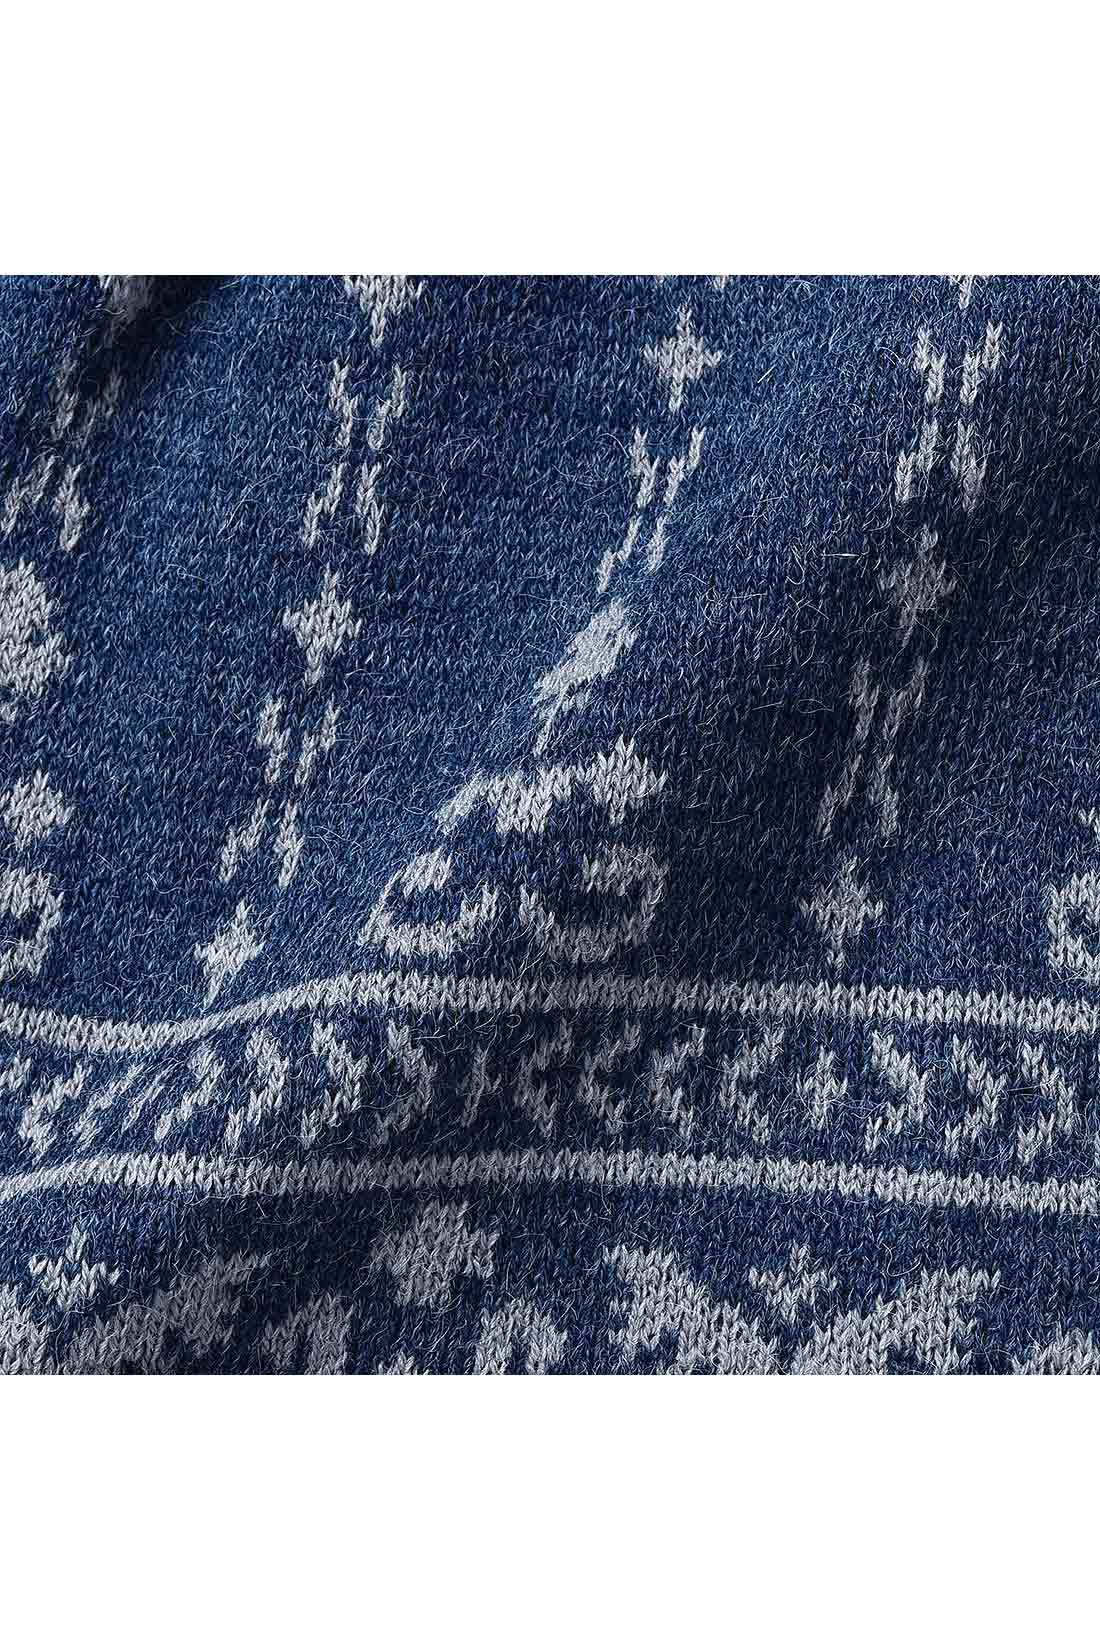 アンゴラタッチの暖かな素材に、華やかさとやさしさのある縦柄ですっきり見え効果も。